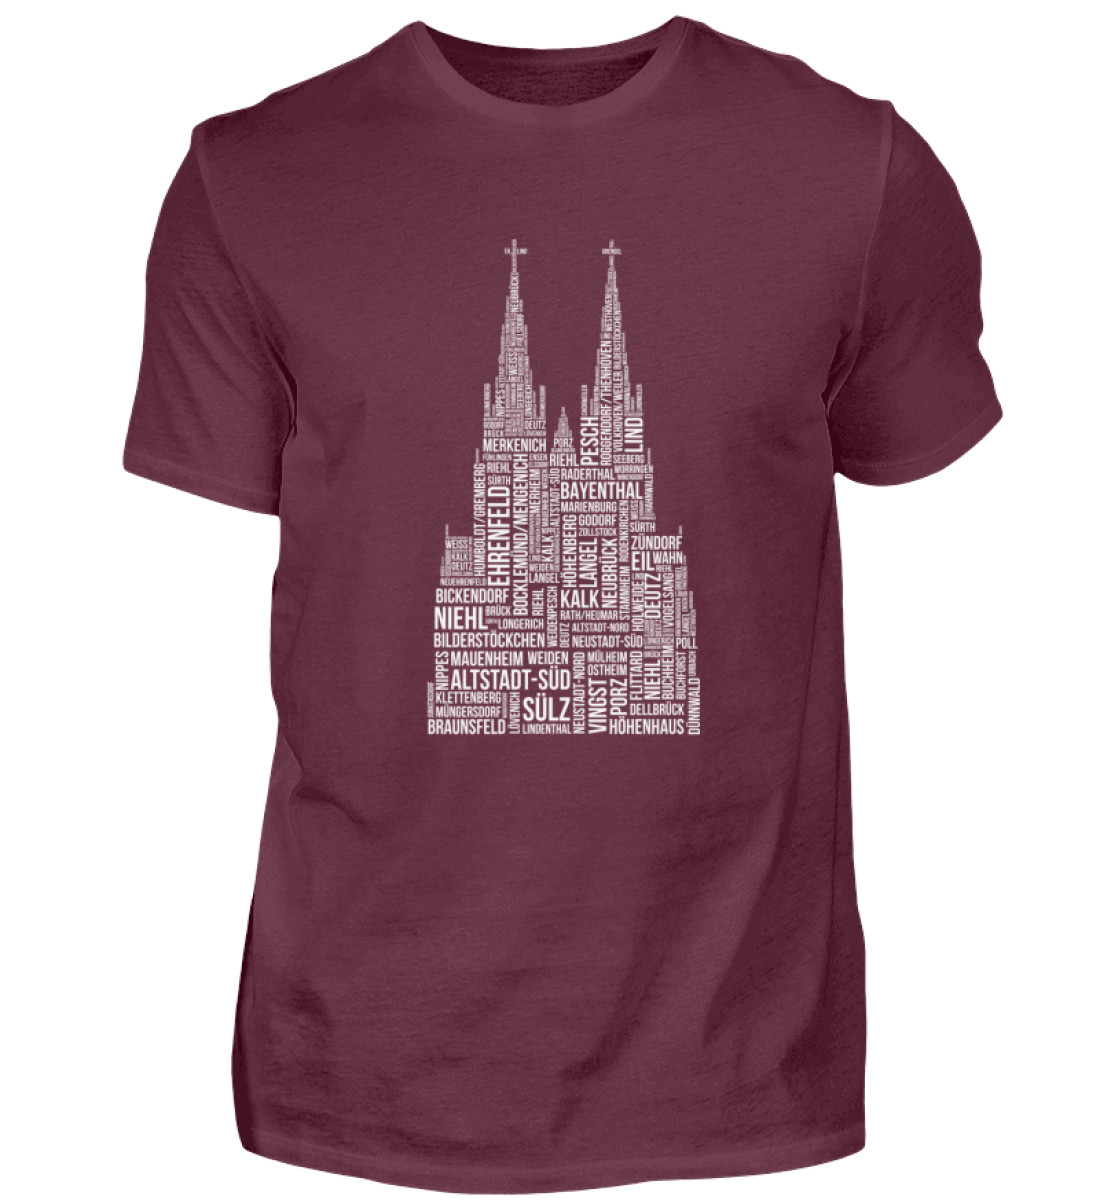 86 Veedel weiß T-Shirt - Herren - Herren Shirt-839